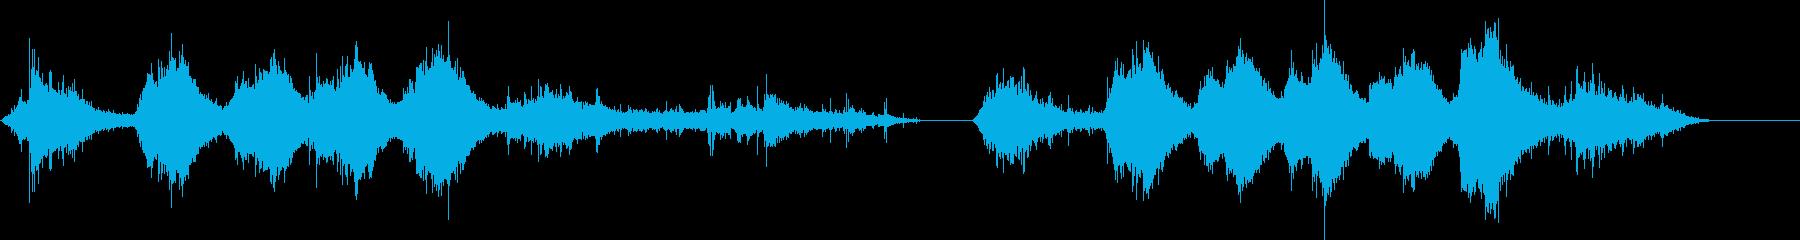 イルカ-屋内プール2の再生済みの波形